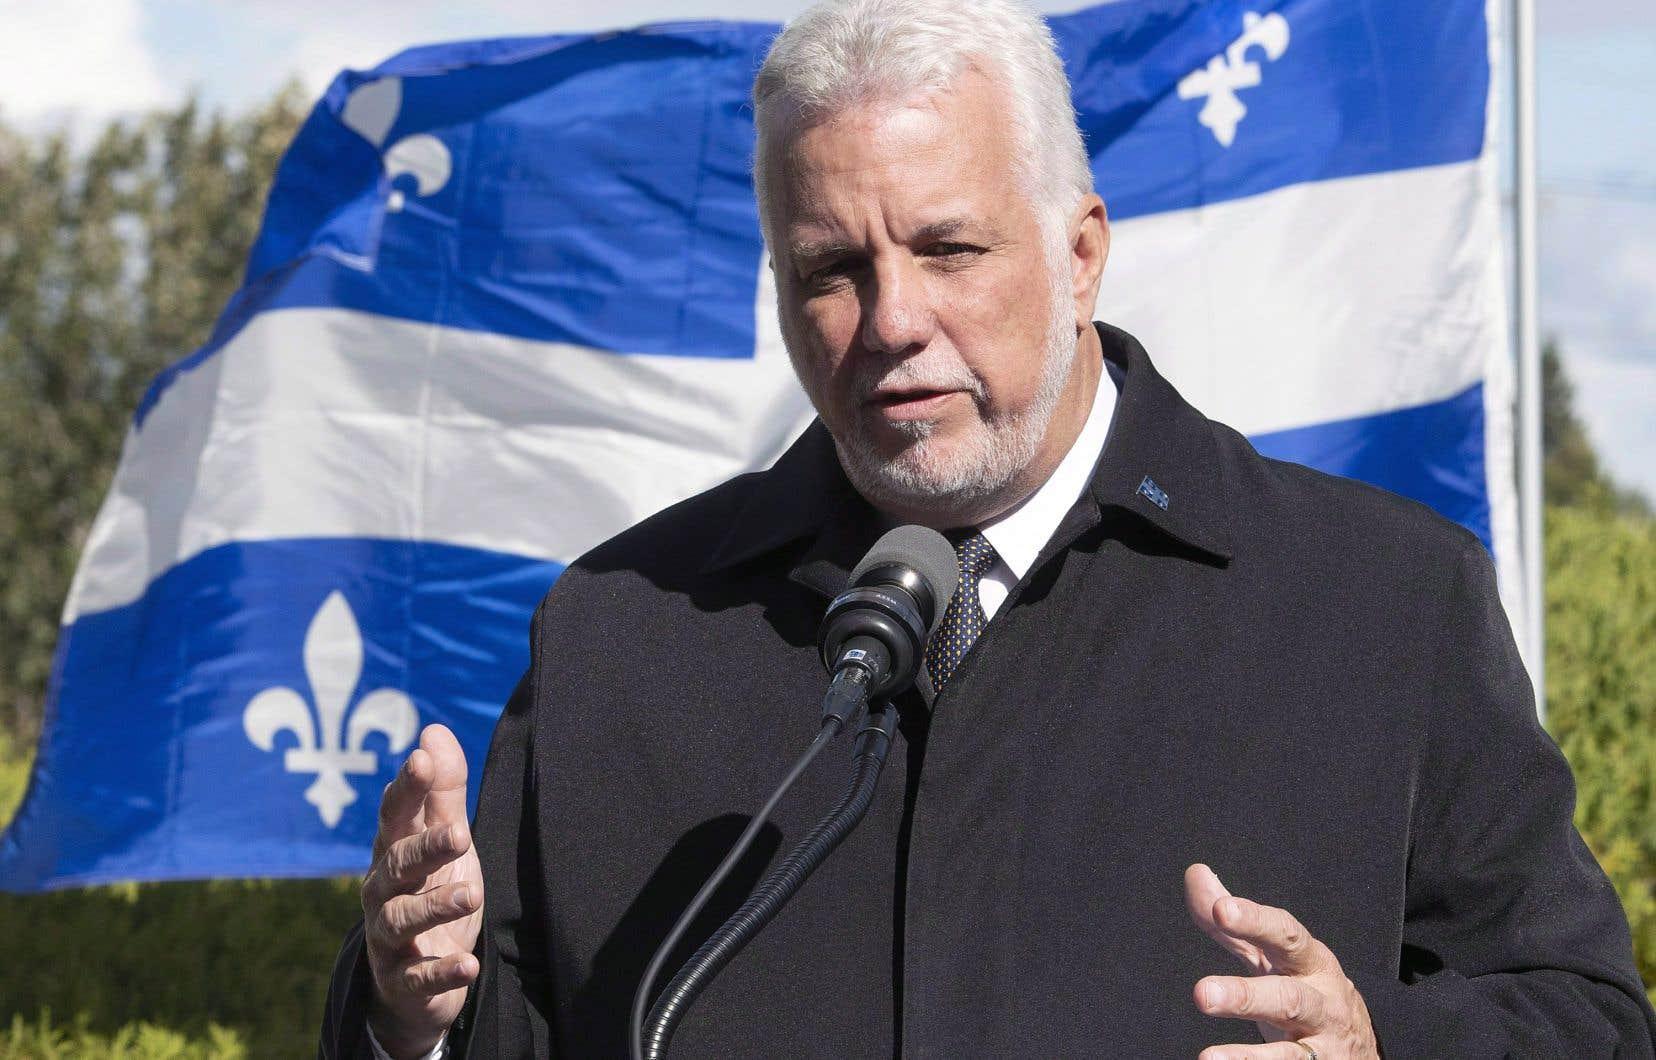 L'ex-premier ministre du Québec, Philippe Couillard, avait déclaré au cours de la campagne électorale de 2014 que tout ouvrier d'usine devait être prêt à parler anglais, mondialisation de l'économie oblige.